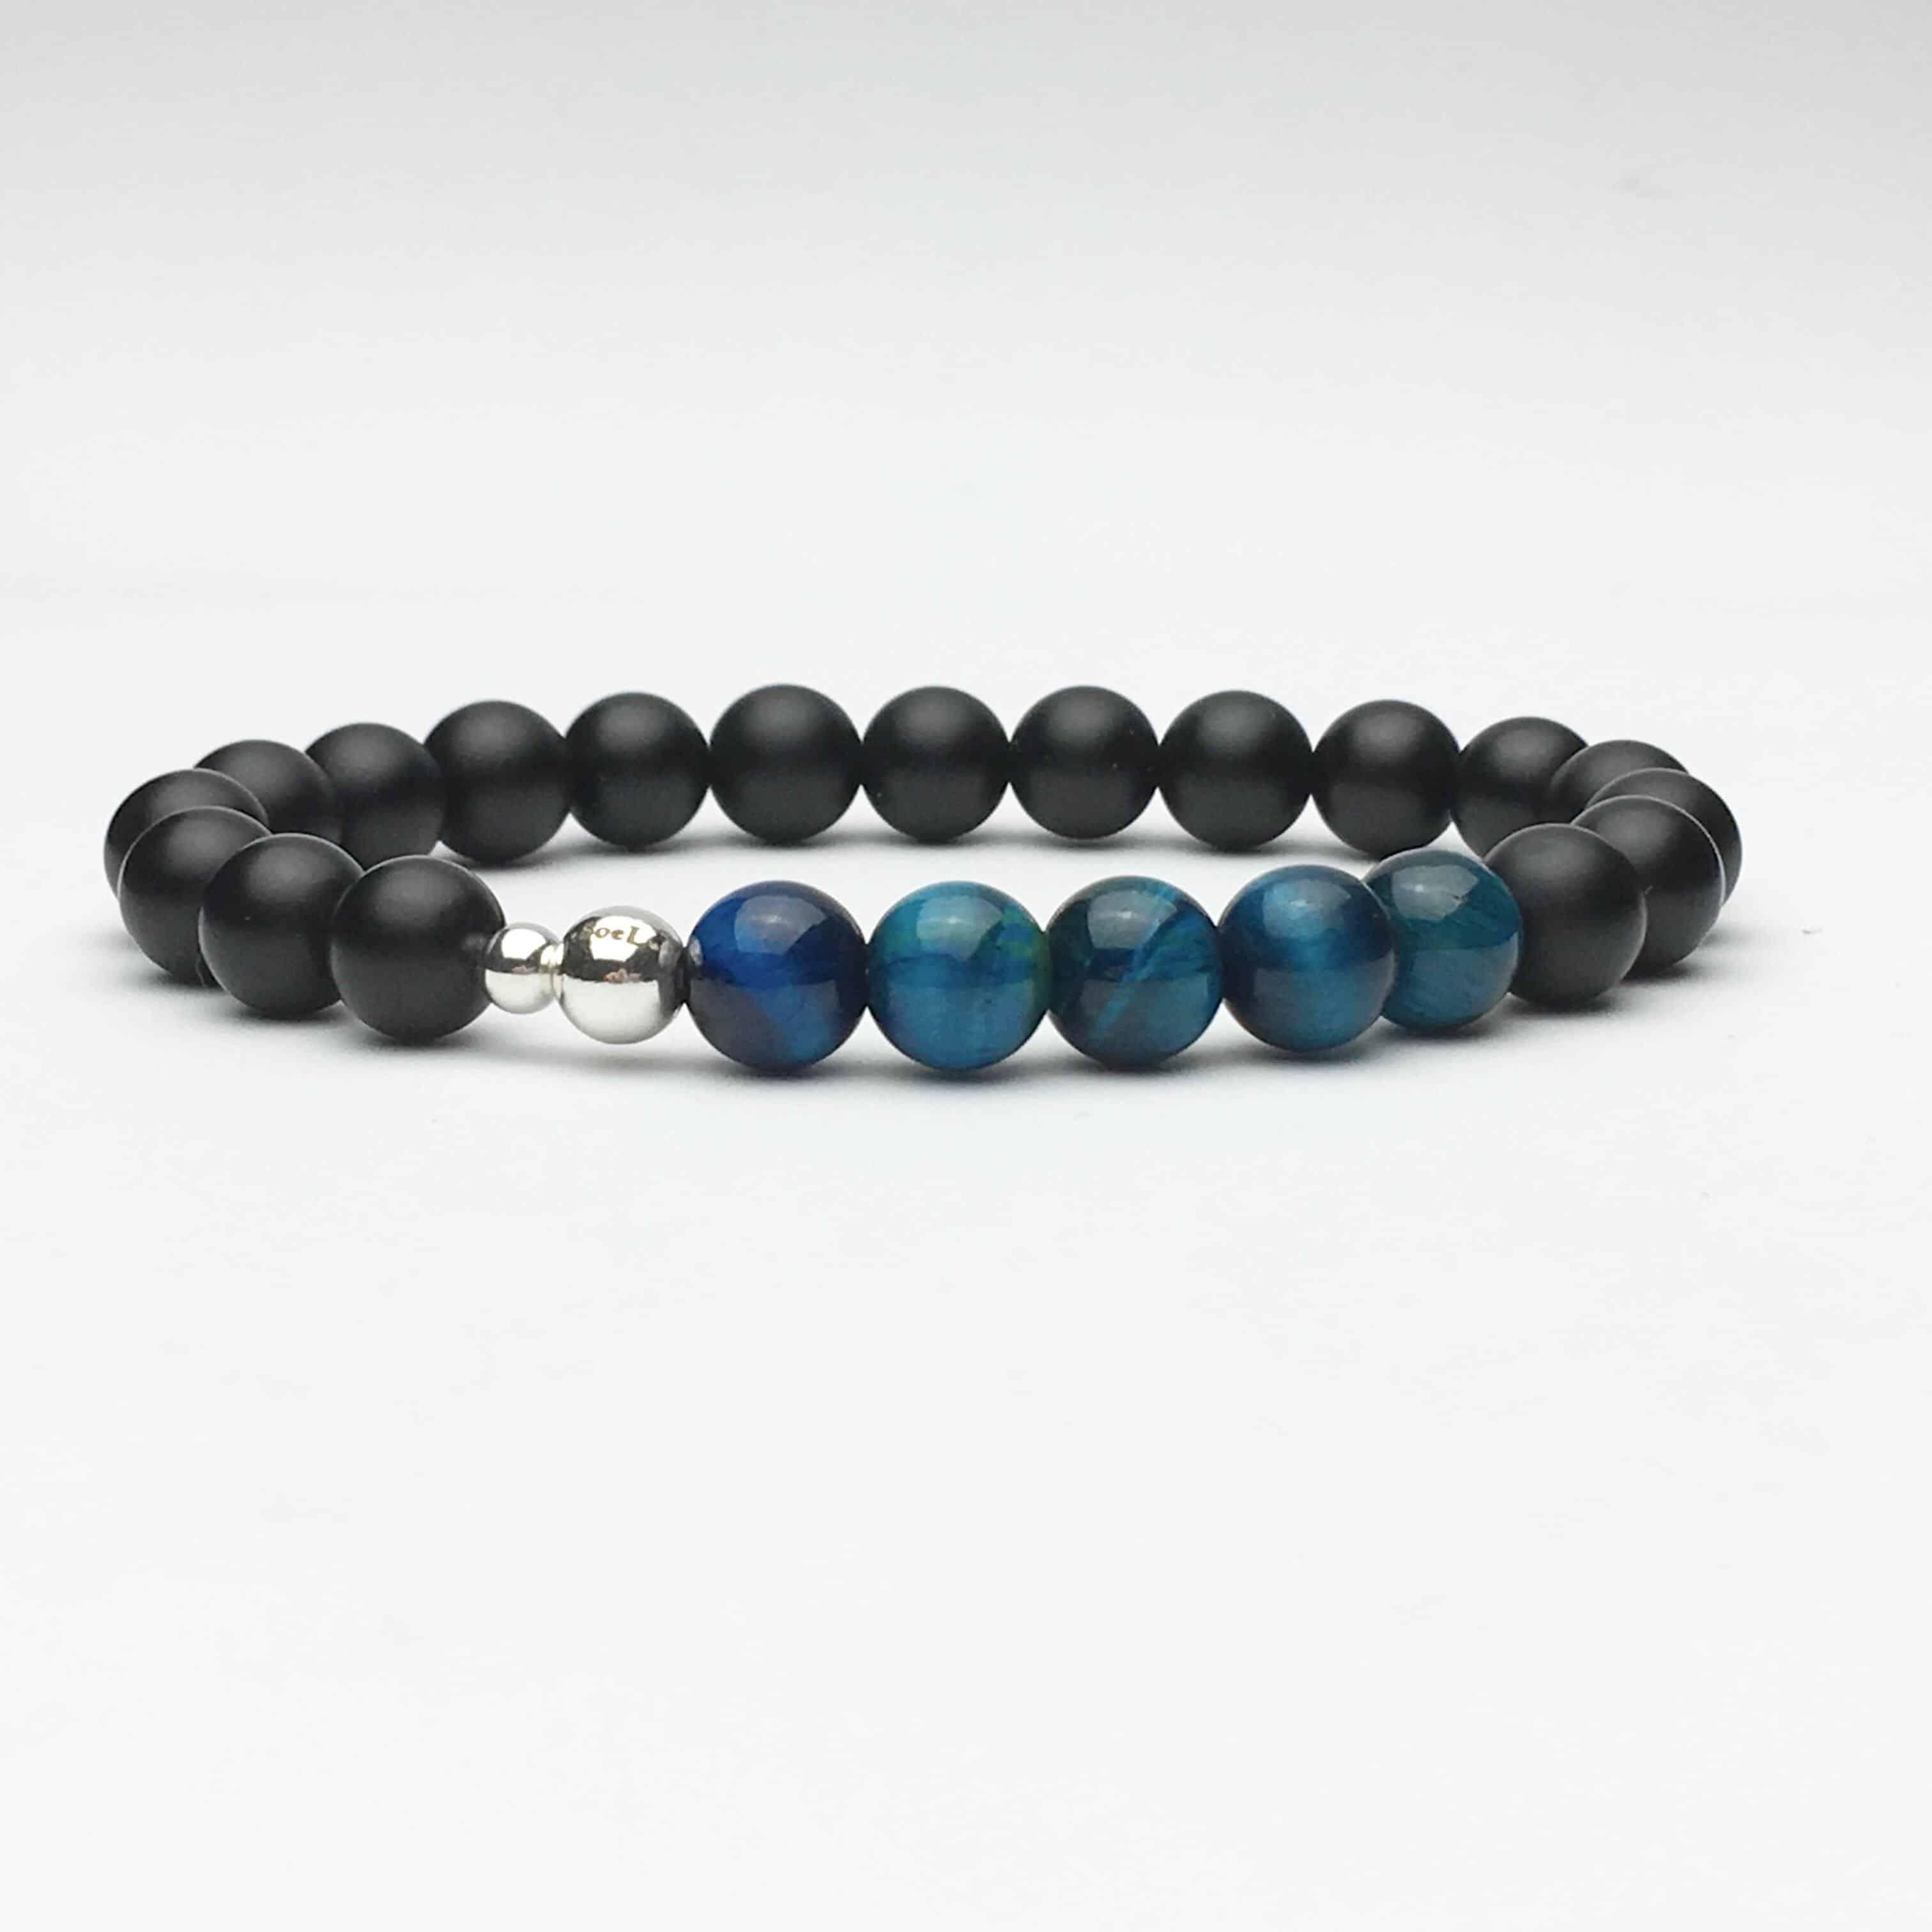 Blue Tigers Eye and Onyx Bead Stretch Bracelet